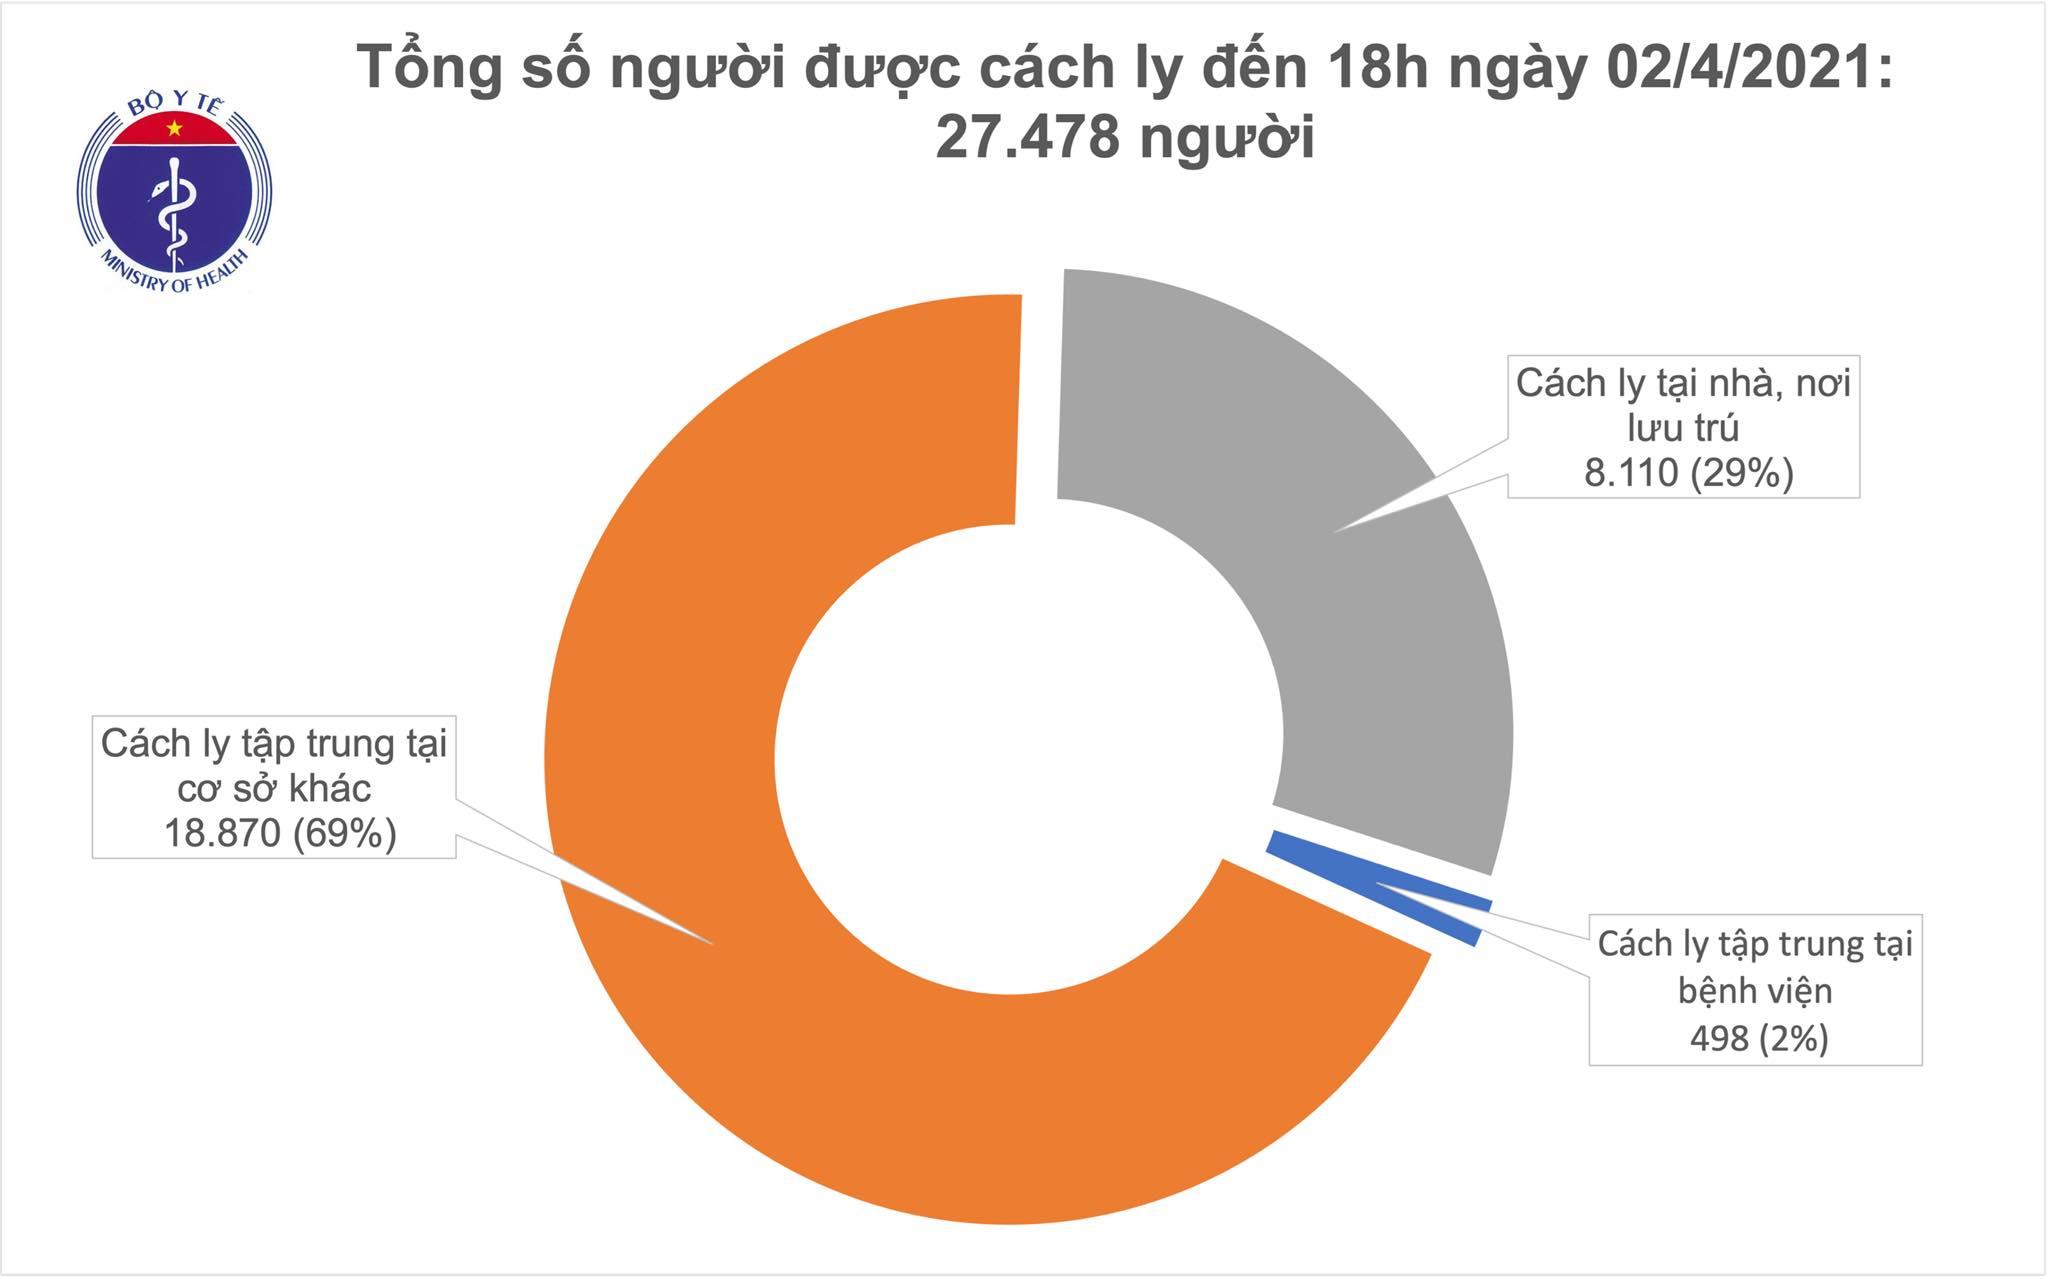 Chiều 2/4, Quảng Ninh, Tây Ninh và TP Hồ Chí Minh có 3 ca mắc COVID-19 - Ảnh 2.